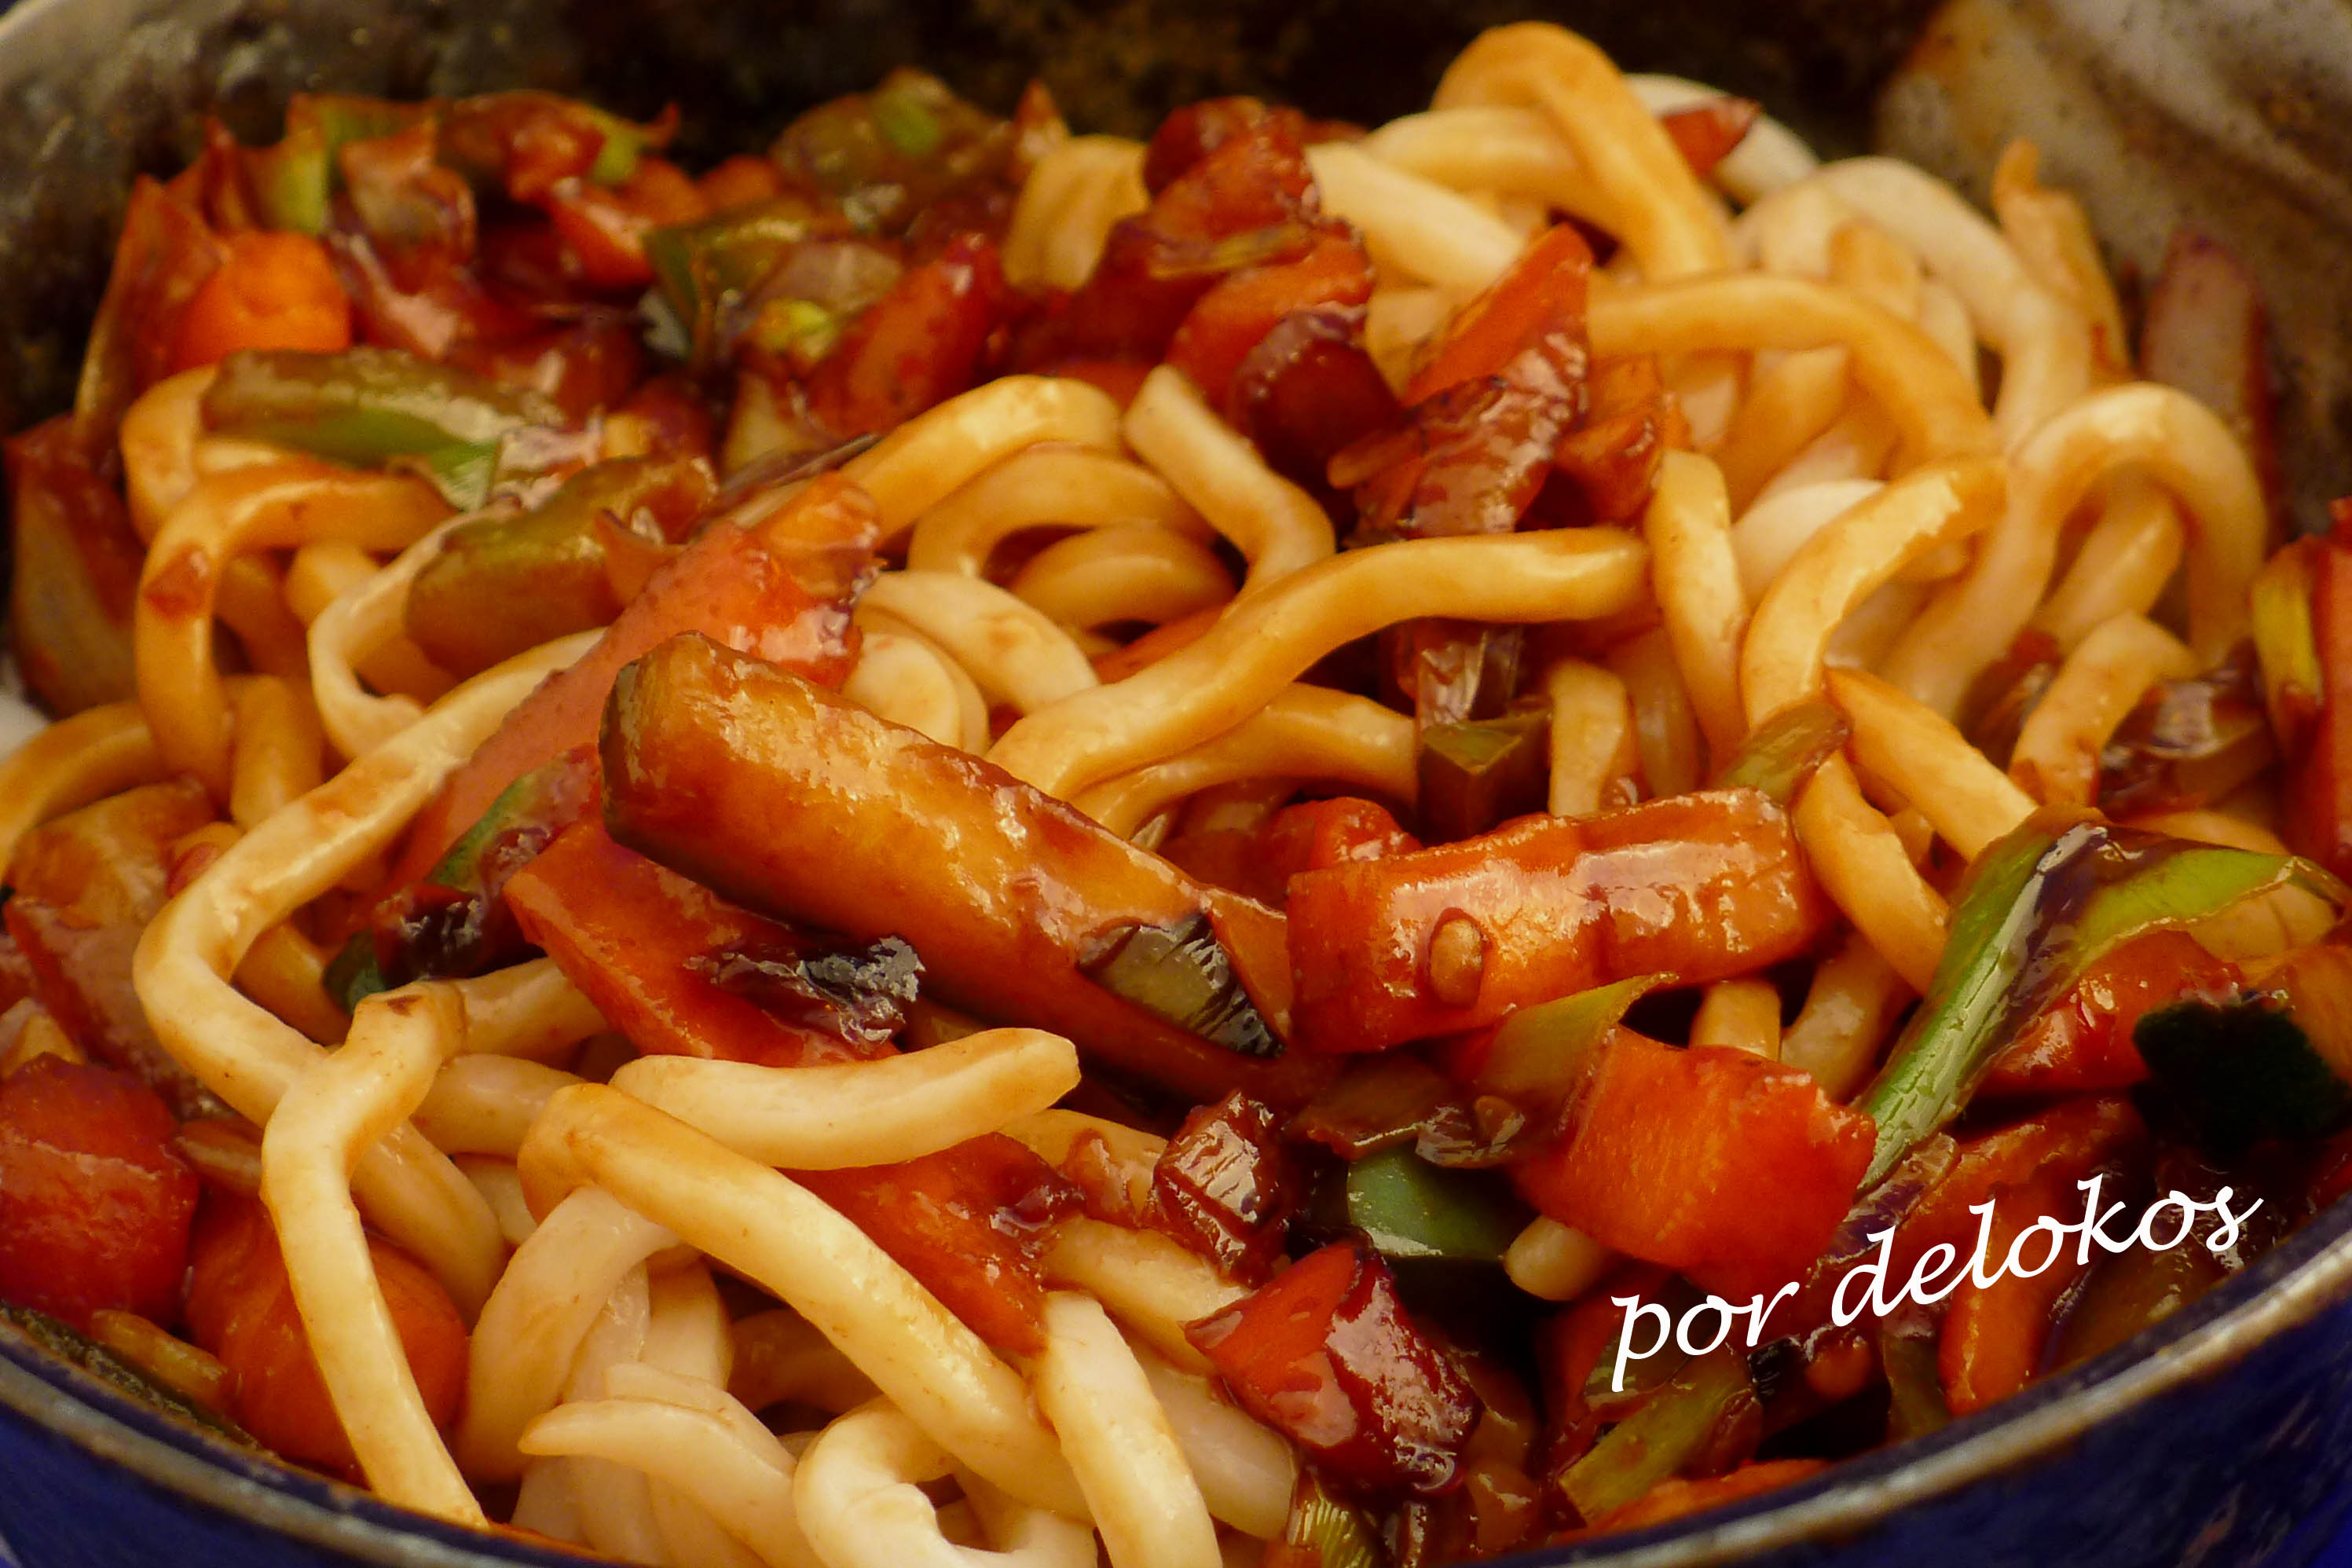 Wok rpido de verduras y fideos  Delokos